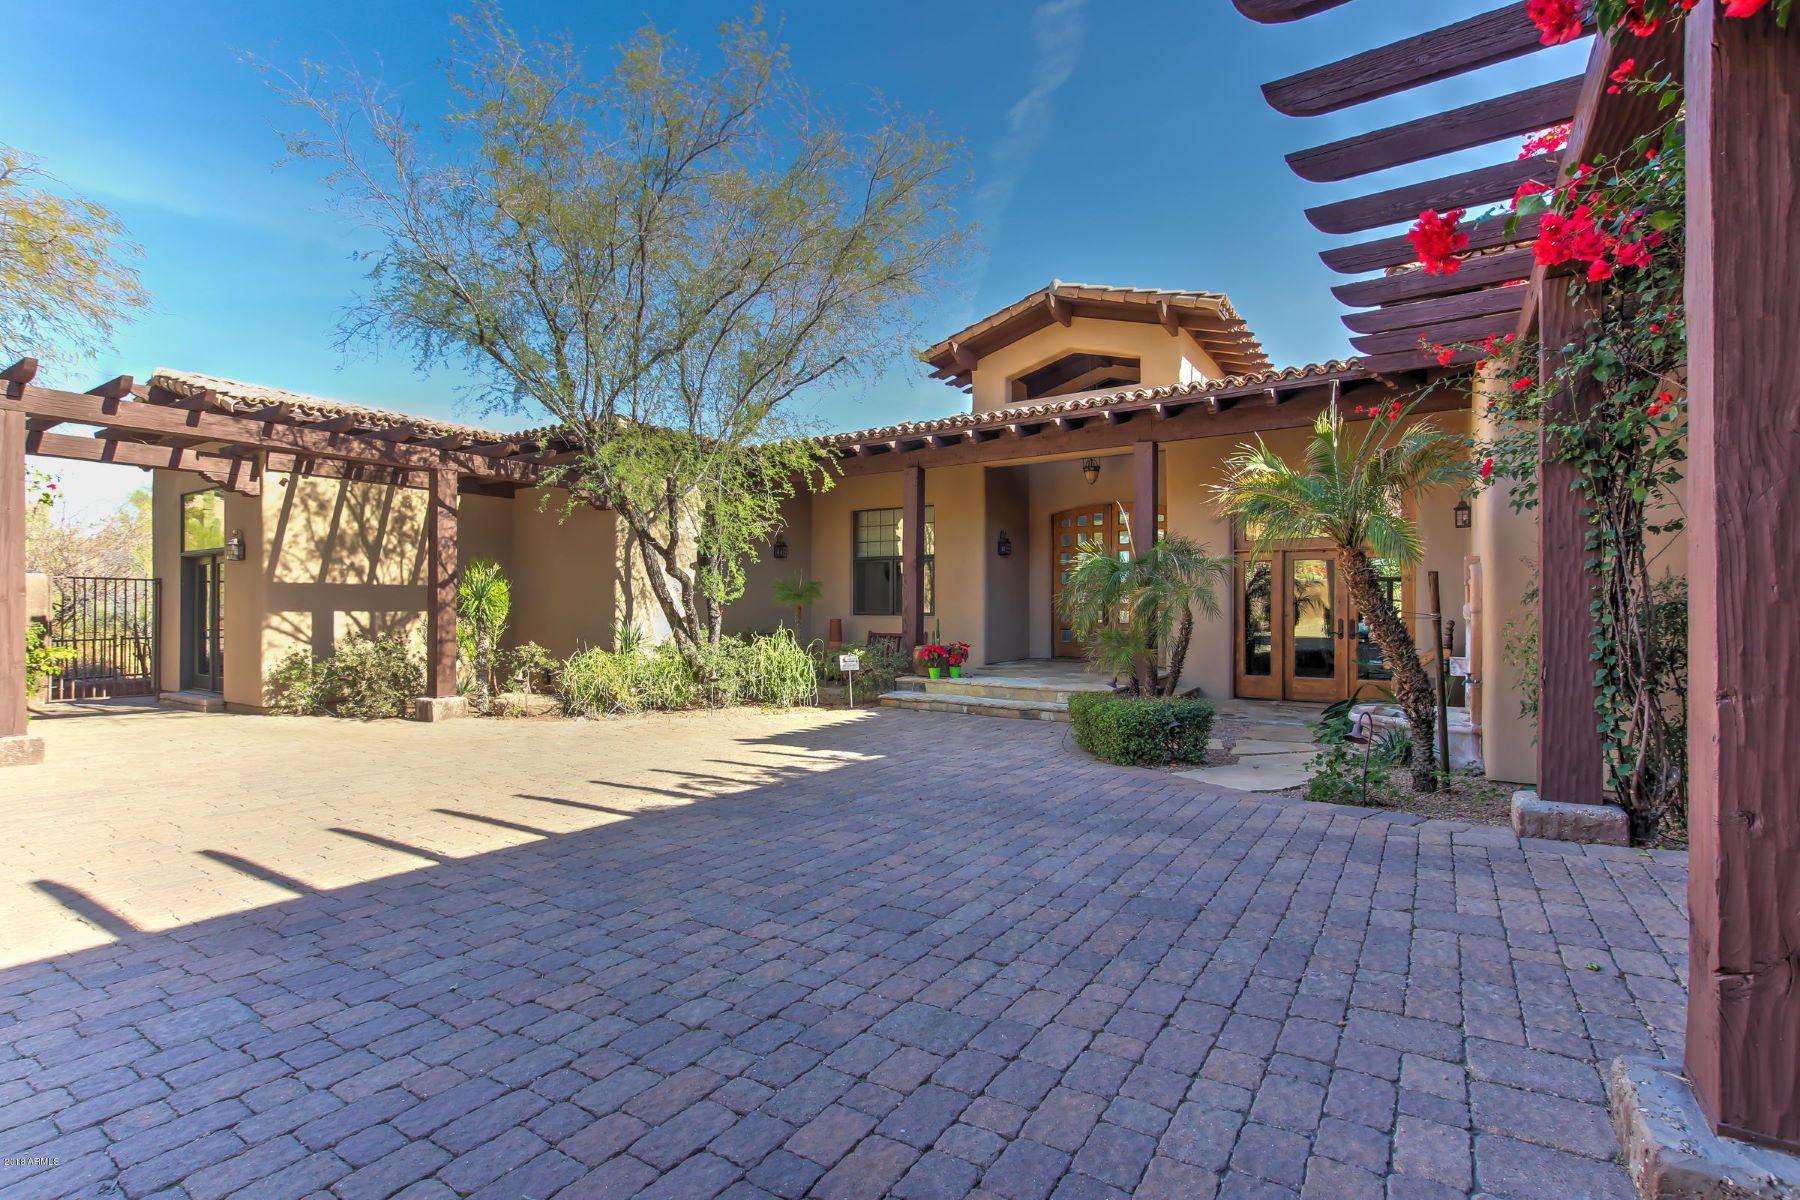 واحد منزل الأسرة للـ Sale في Stunning Single Level Estate 9755 N Red Bluff Dr, Fountain Hills, Arizona, 85268 United States